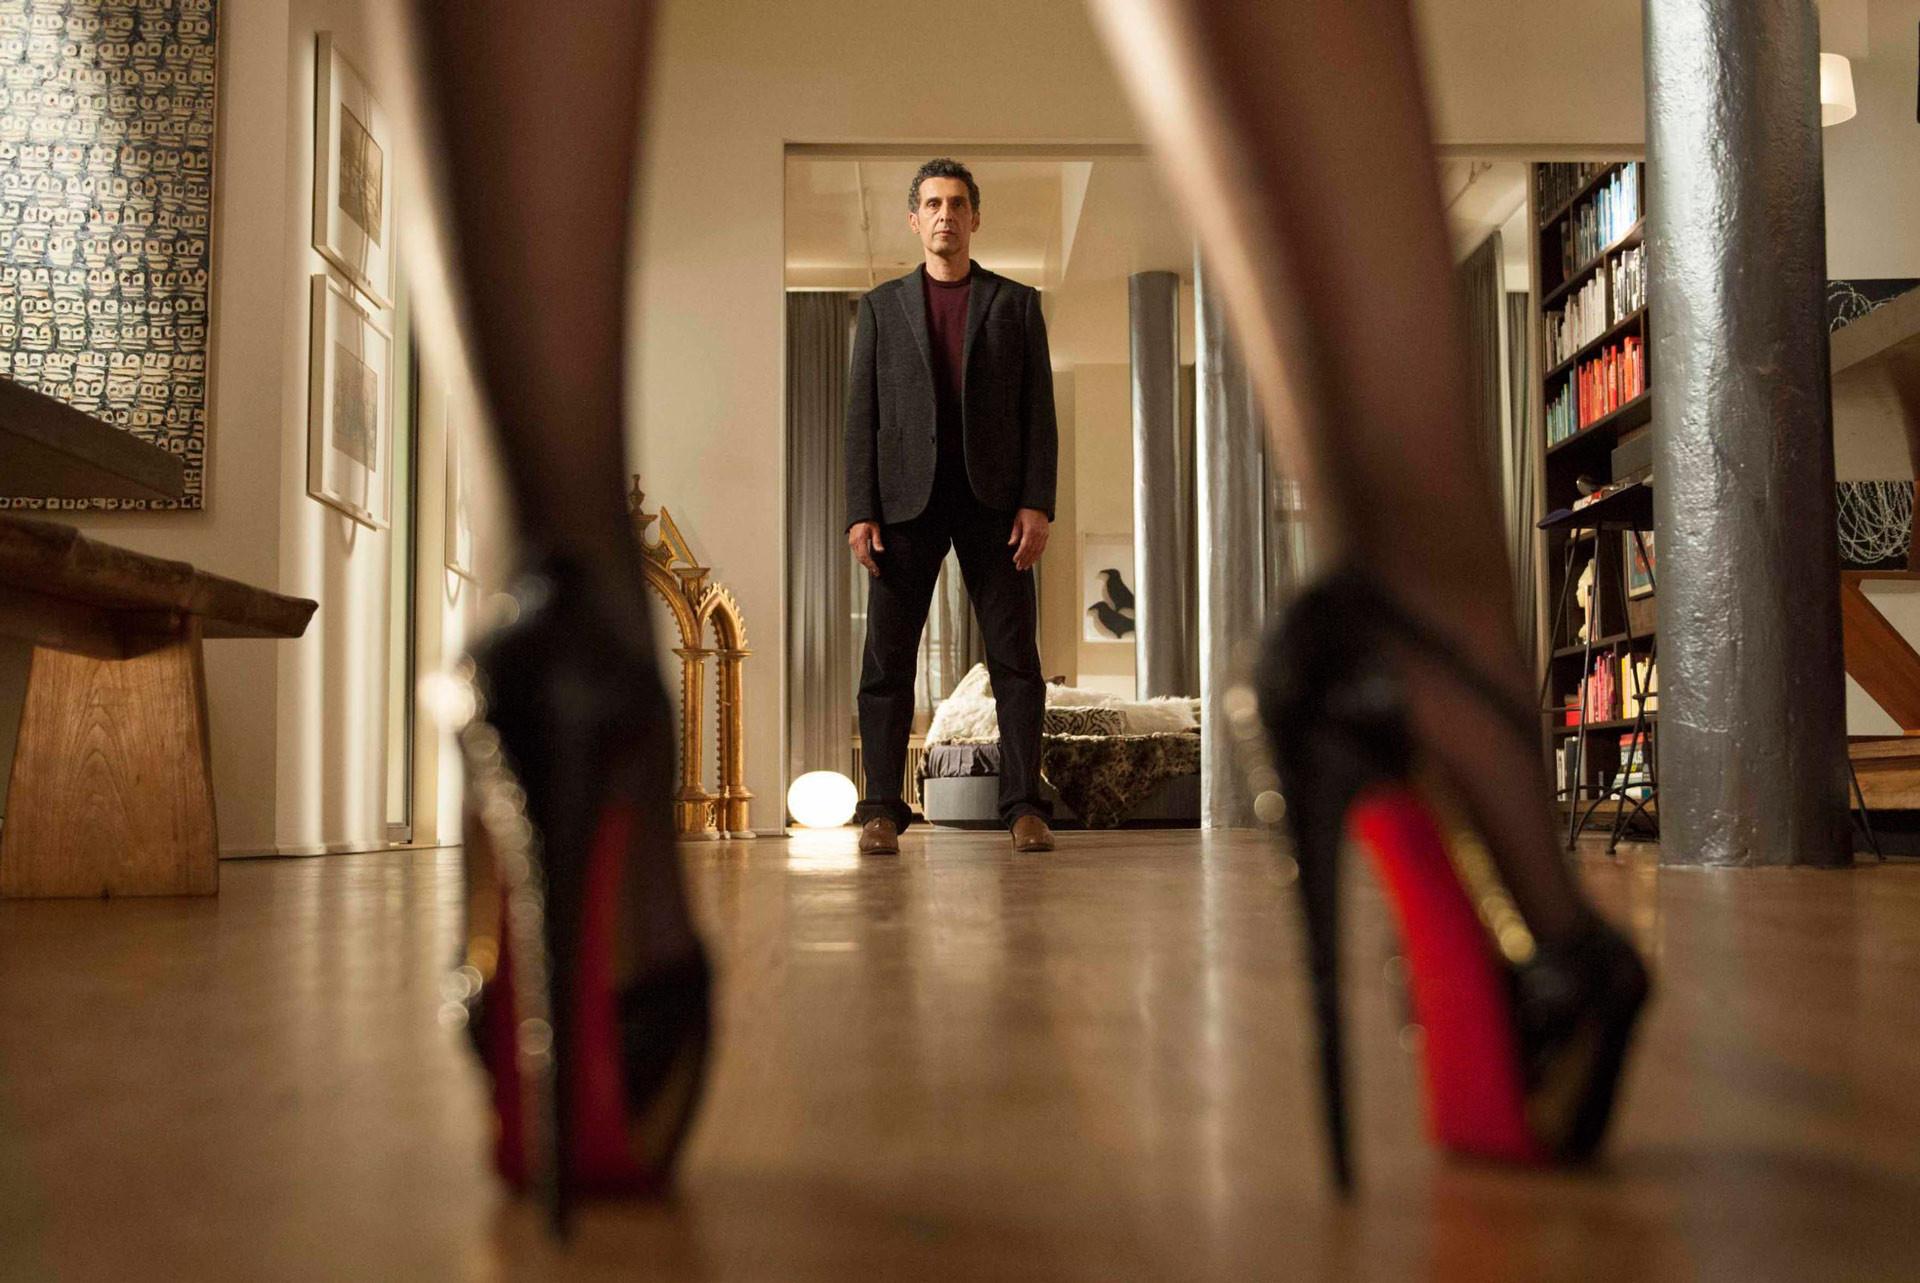 Парни по вызову * Секс парни Москвы * Парня на ночь * Вызвать мужчину * Заказать мужчину на ночь * Эскорт для женщин